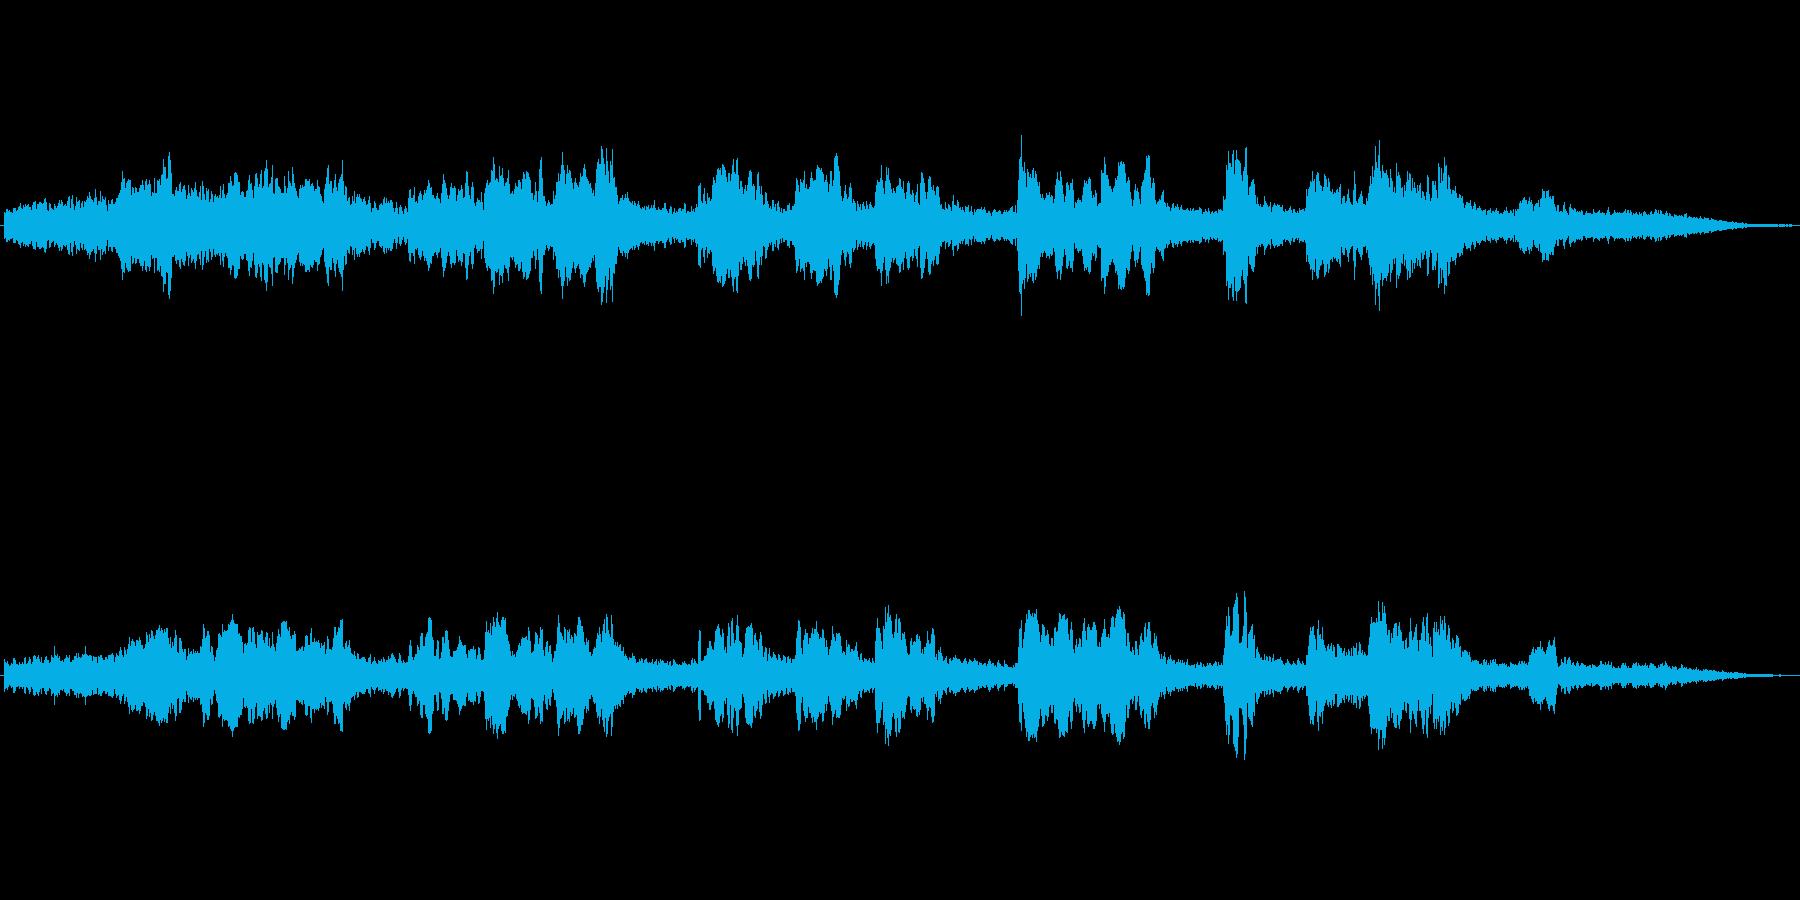 ニューエイジ風の笛のジングルの再生済みの波形